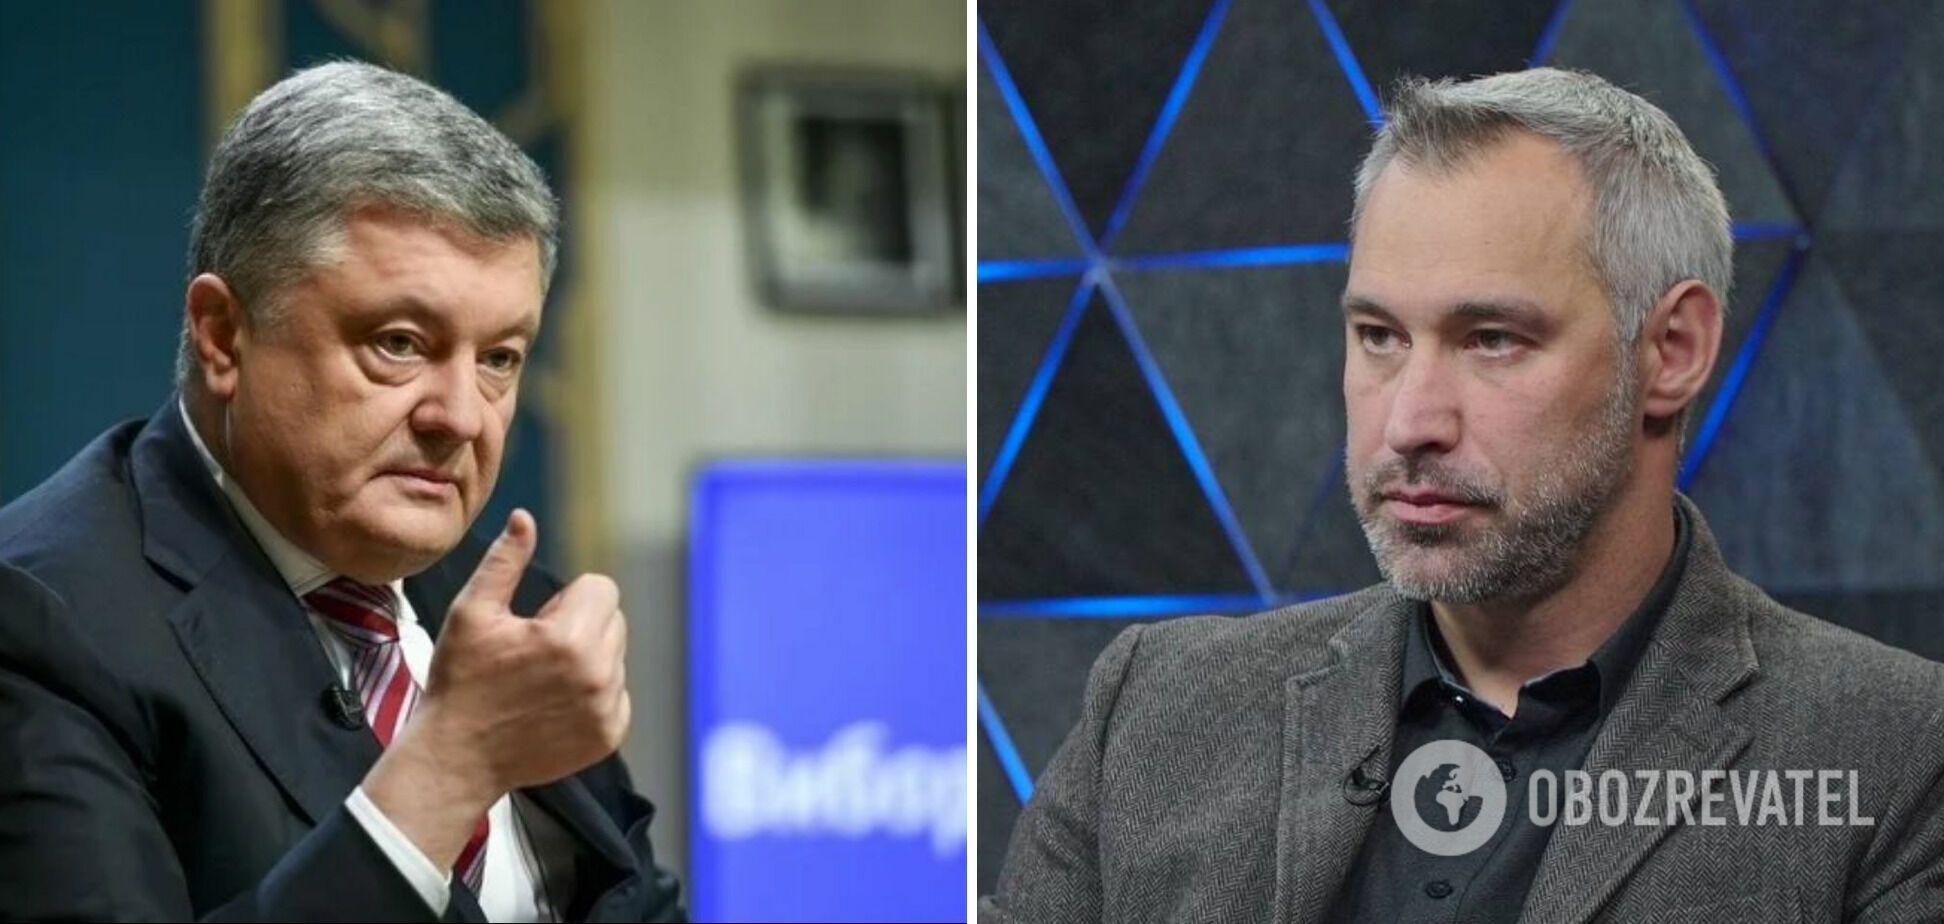 Рябошапка: я не підписав необґрунтовану підозру проти Порошенка